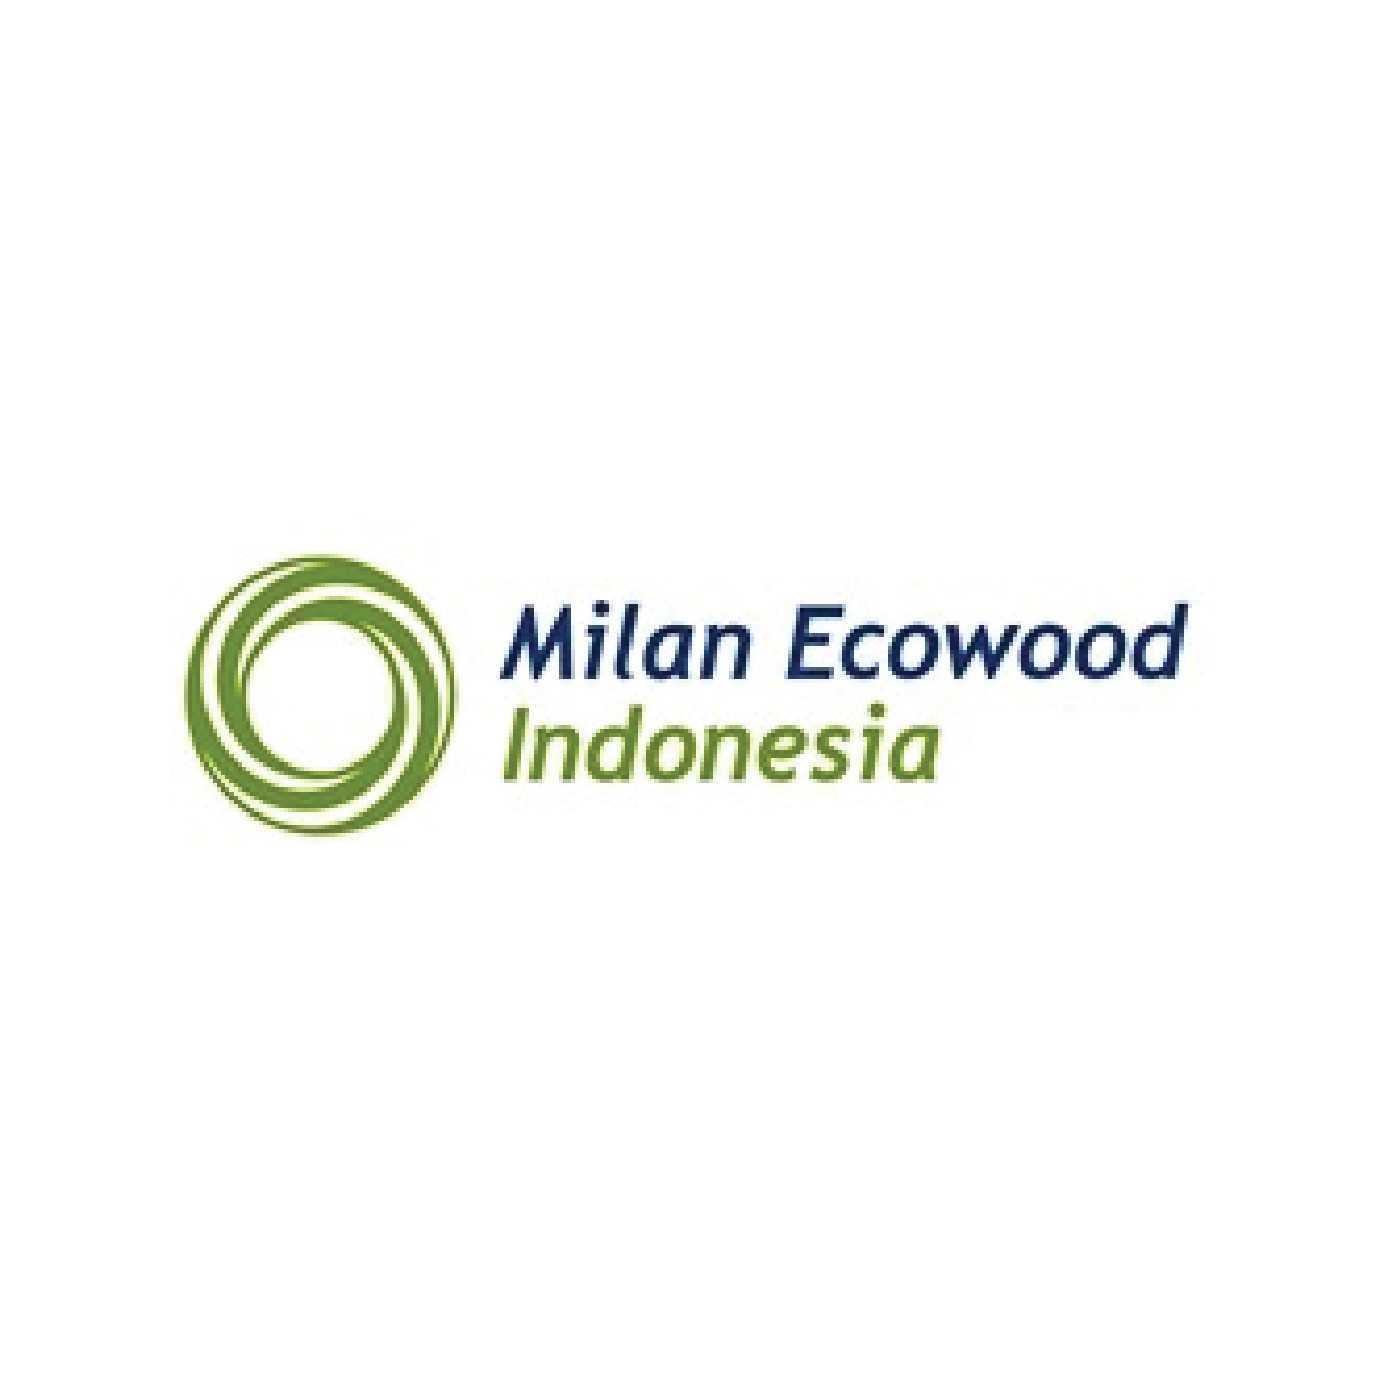 Milan Ecowood Indonesia